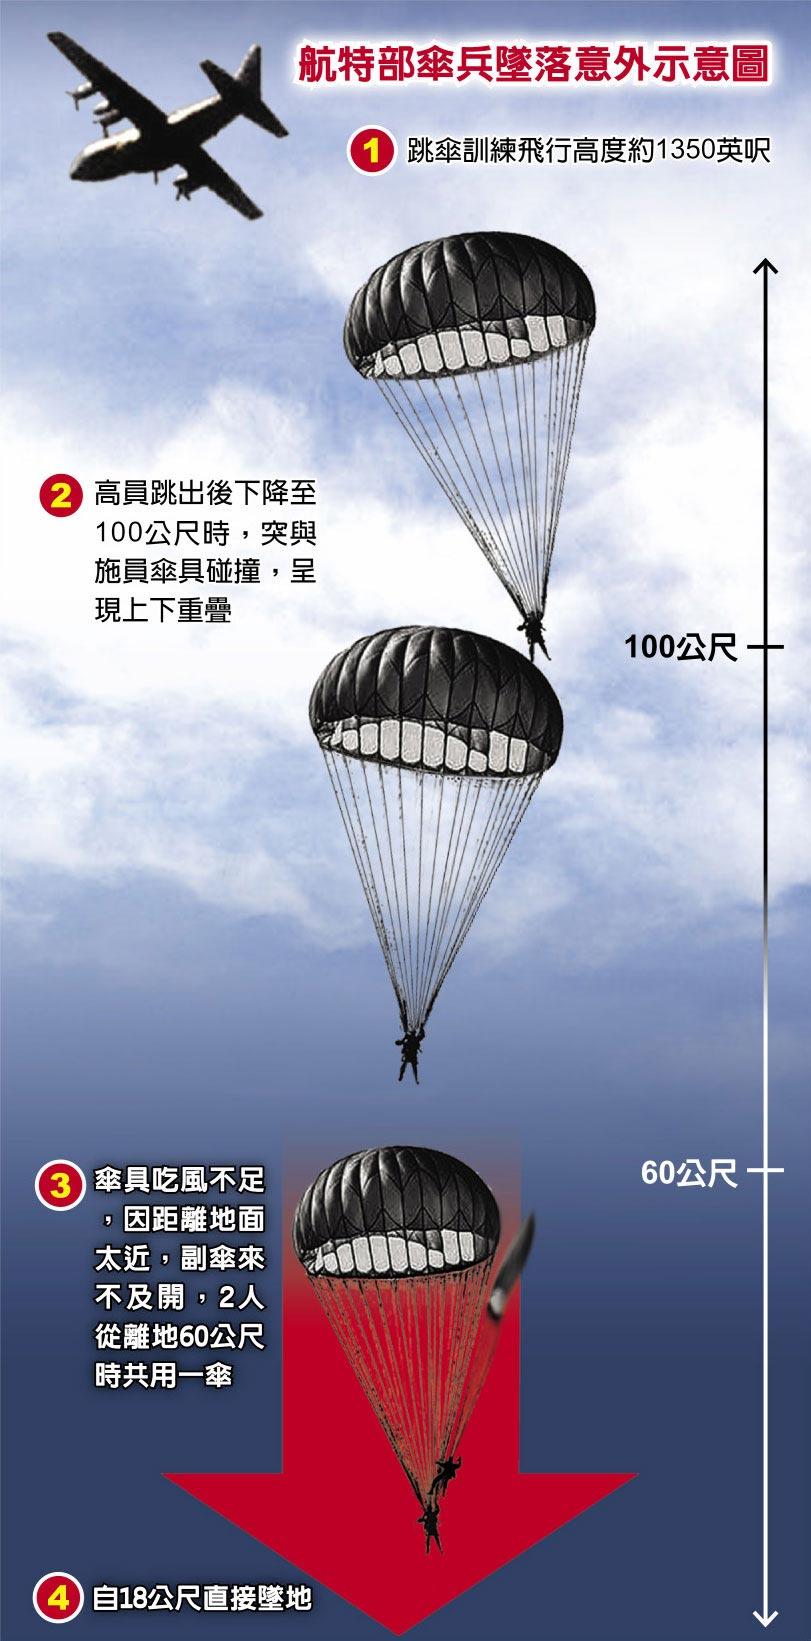 航特部傘兵墜落意外示意圖